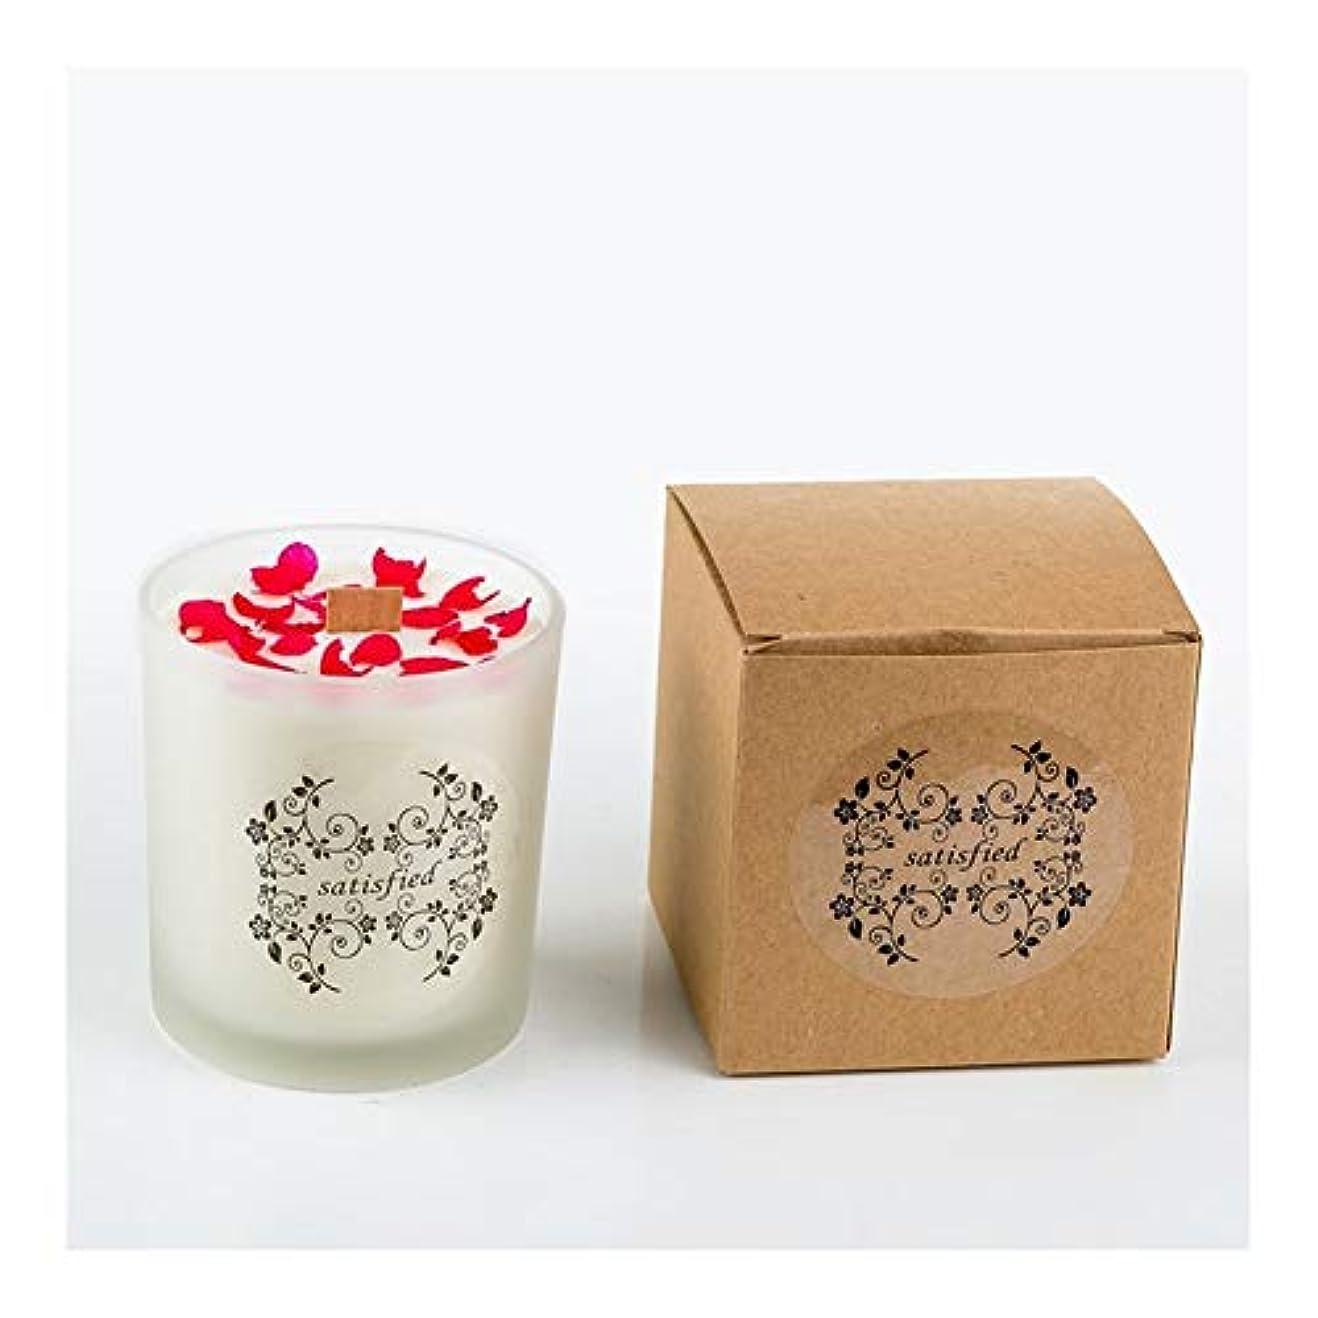 どうしたのしみ遺産Ztian ロマンチックな香りのキャンドルエッセンシャルオイル大豆ワックスガラスアロマセラピーロマンチックな誕生日ギフトの提案無煙の香り (色 : Xiang Xuelan)